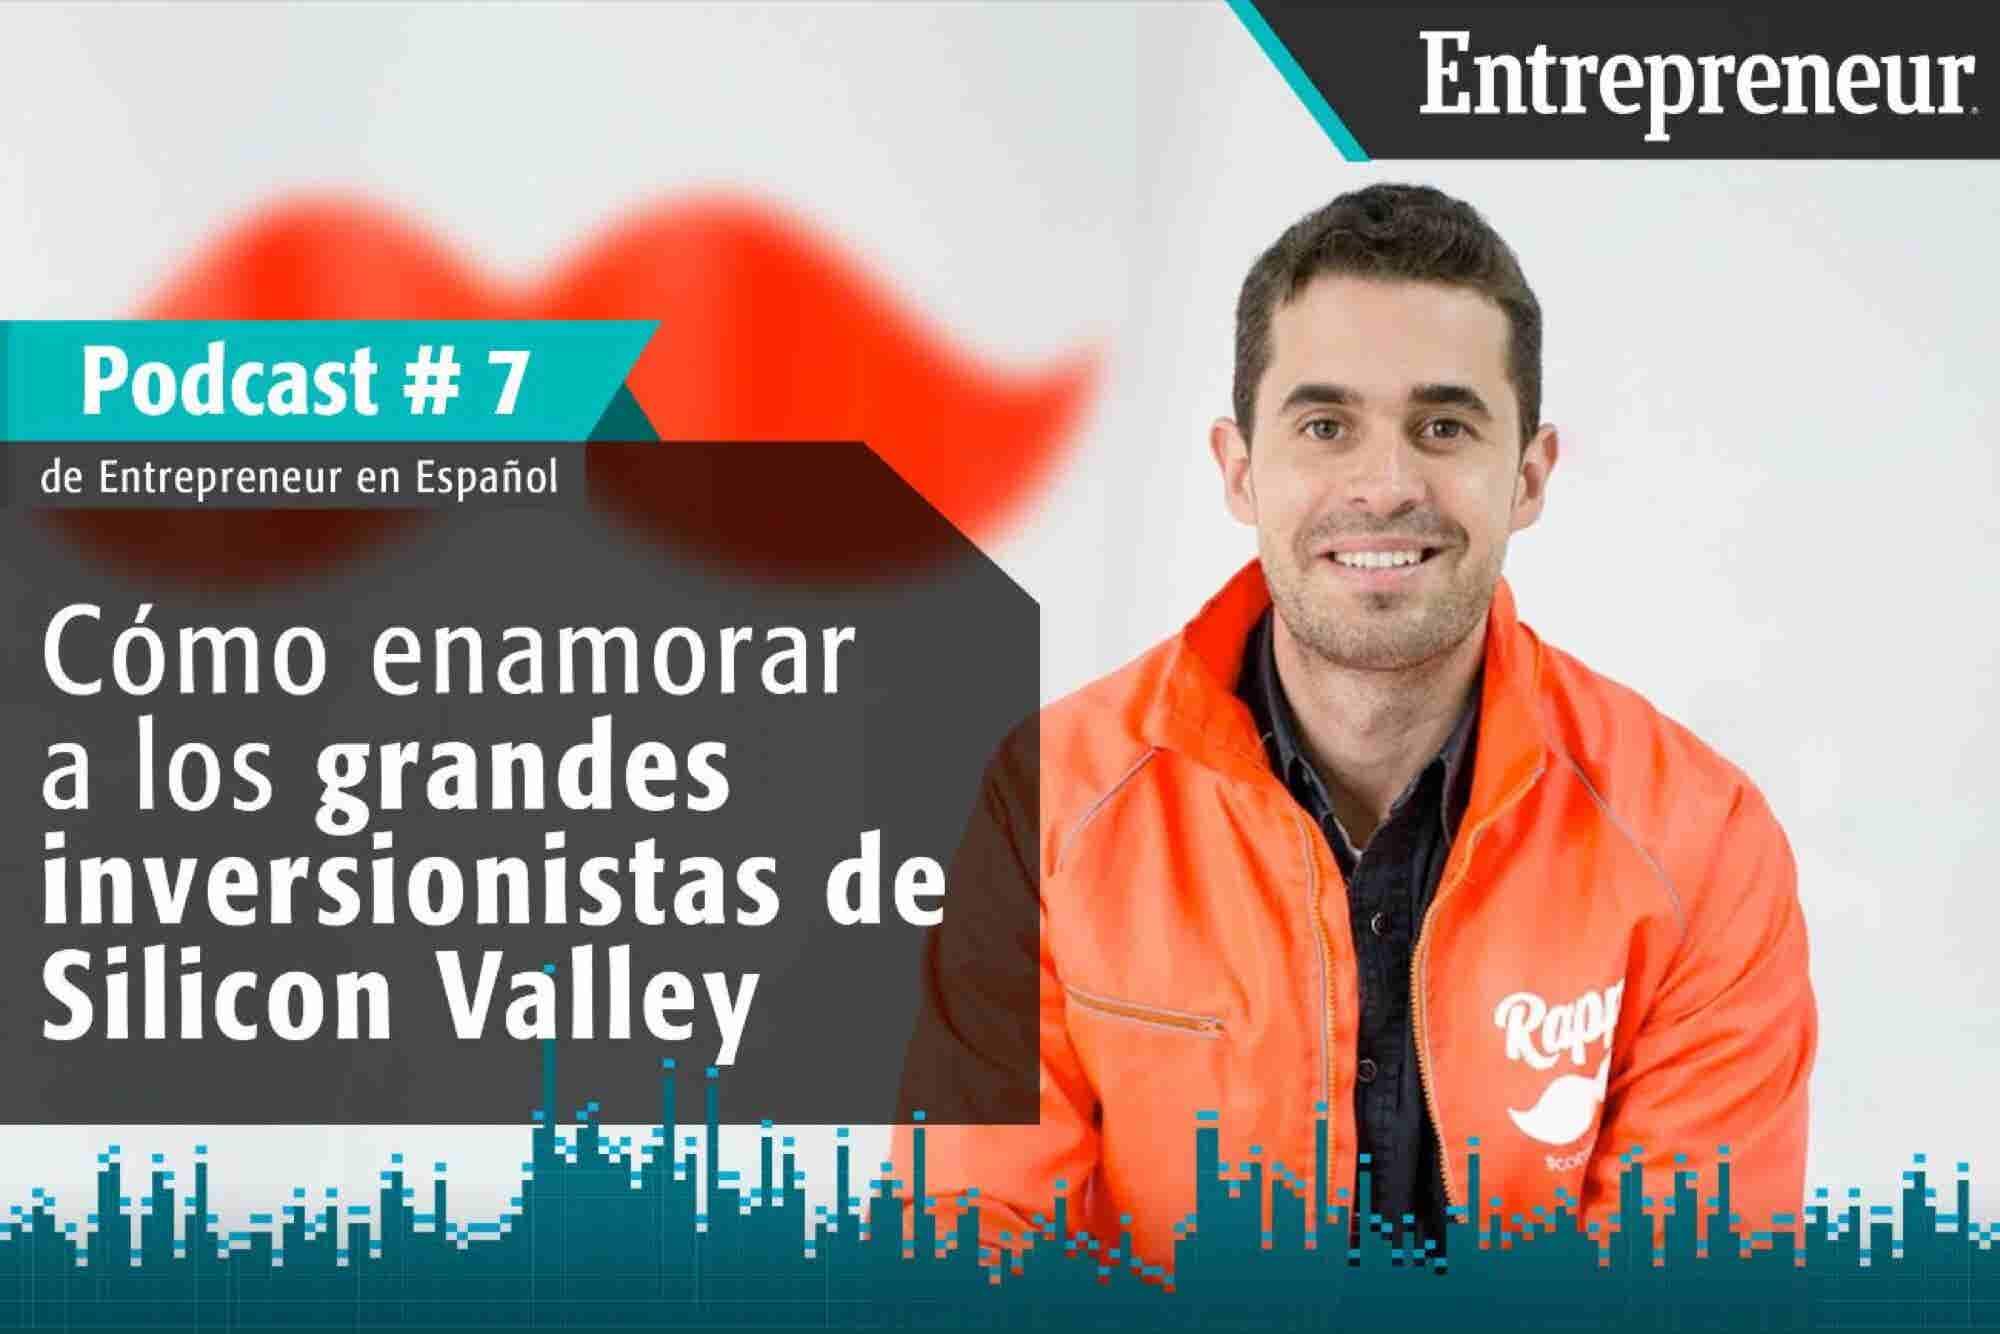 Podcast Entrepreneur #7: Cómo enamorar a los inversionistas de Silicon Valley al estilo Rappi